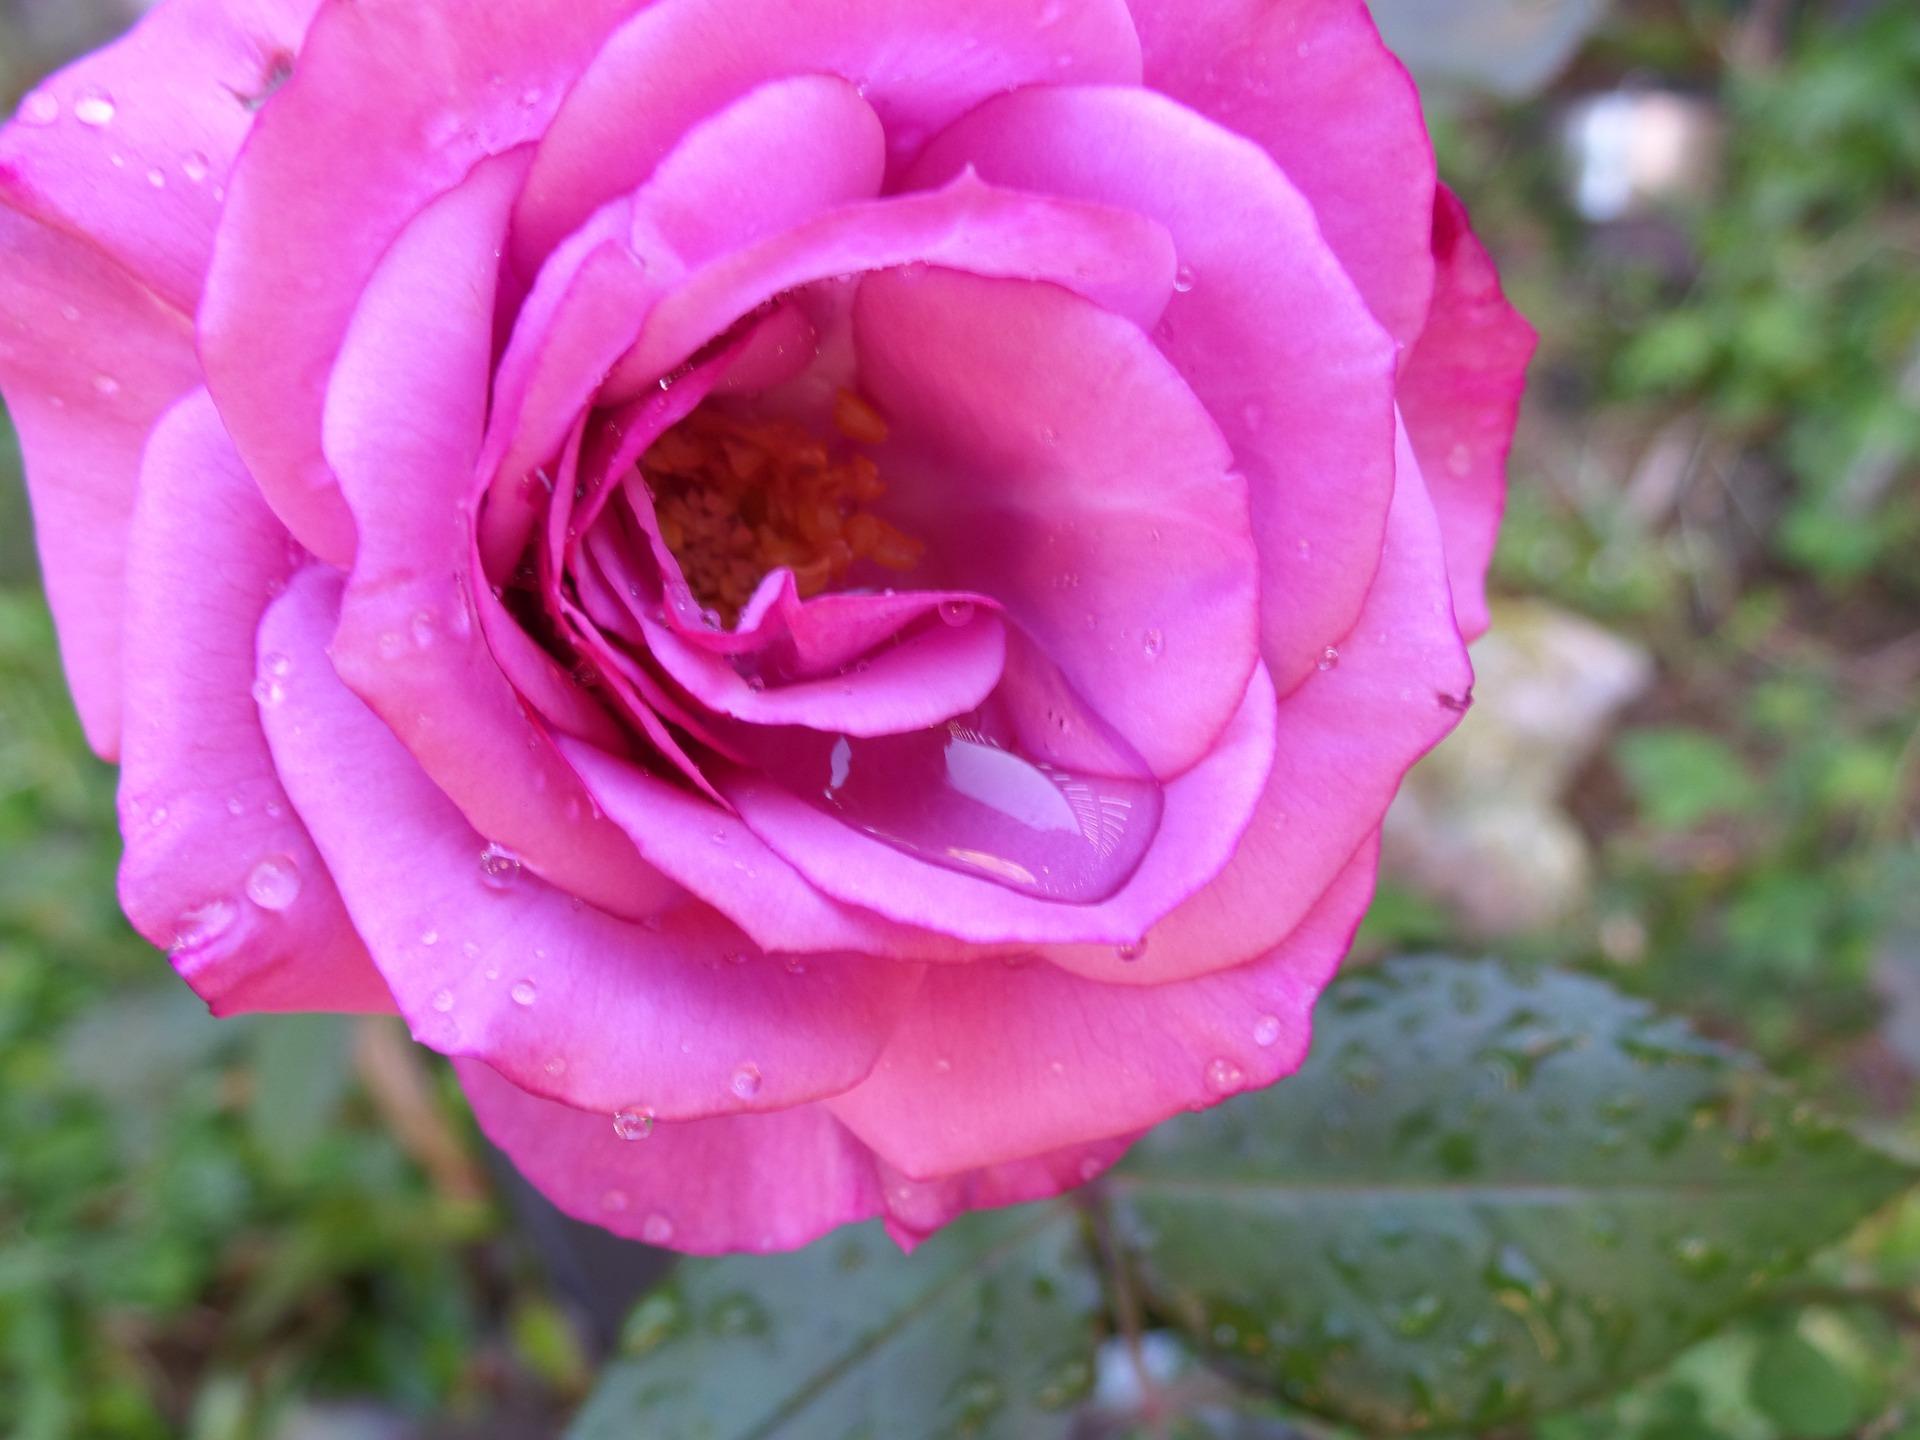 rose-648645_1920